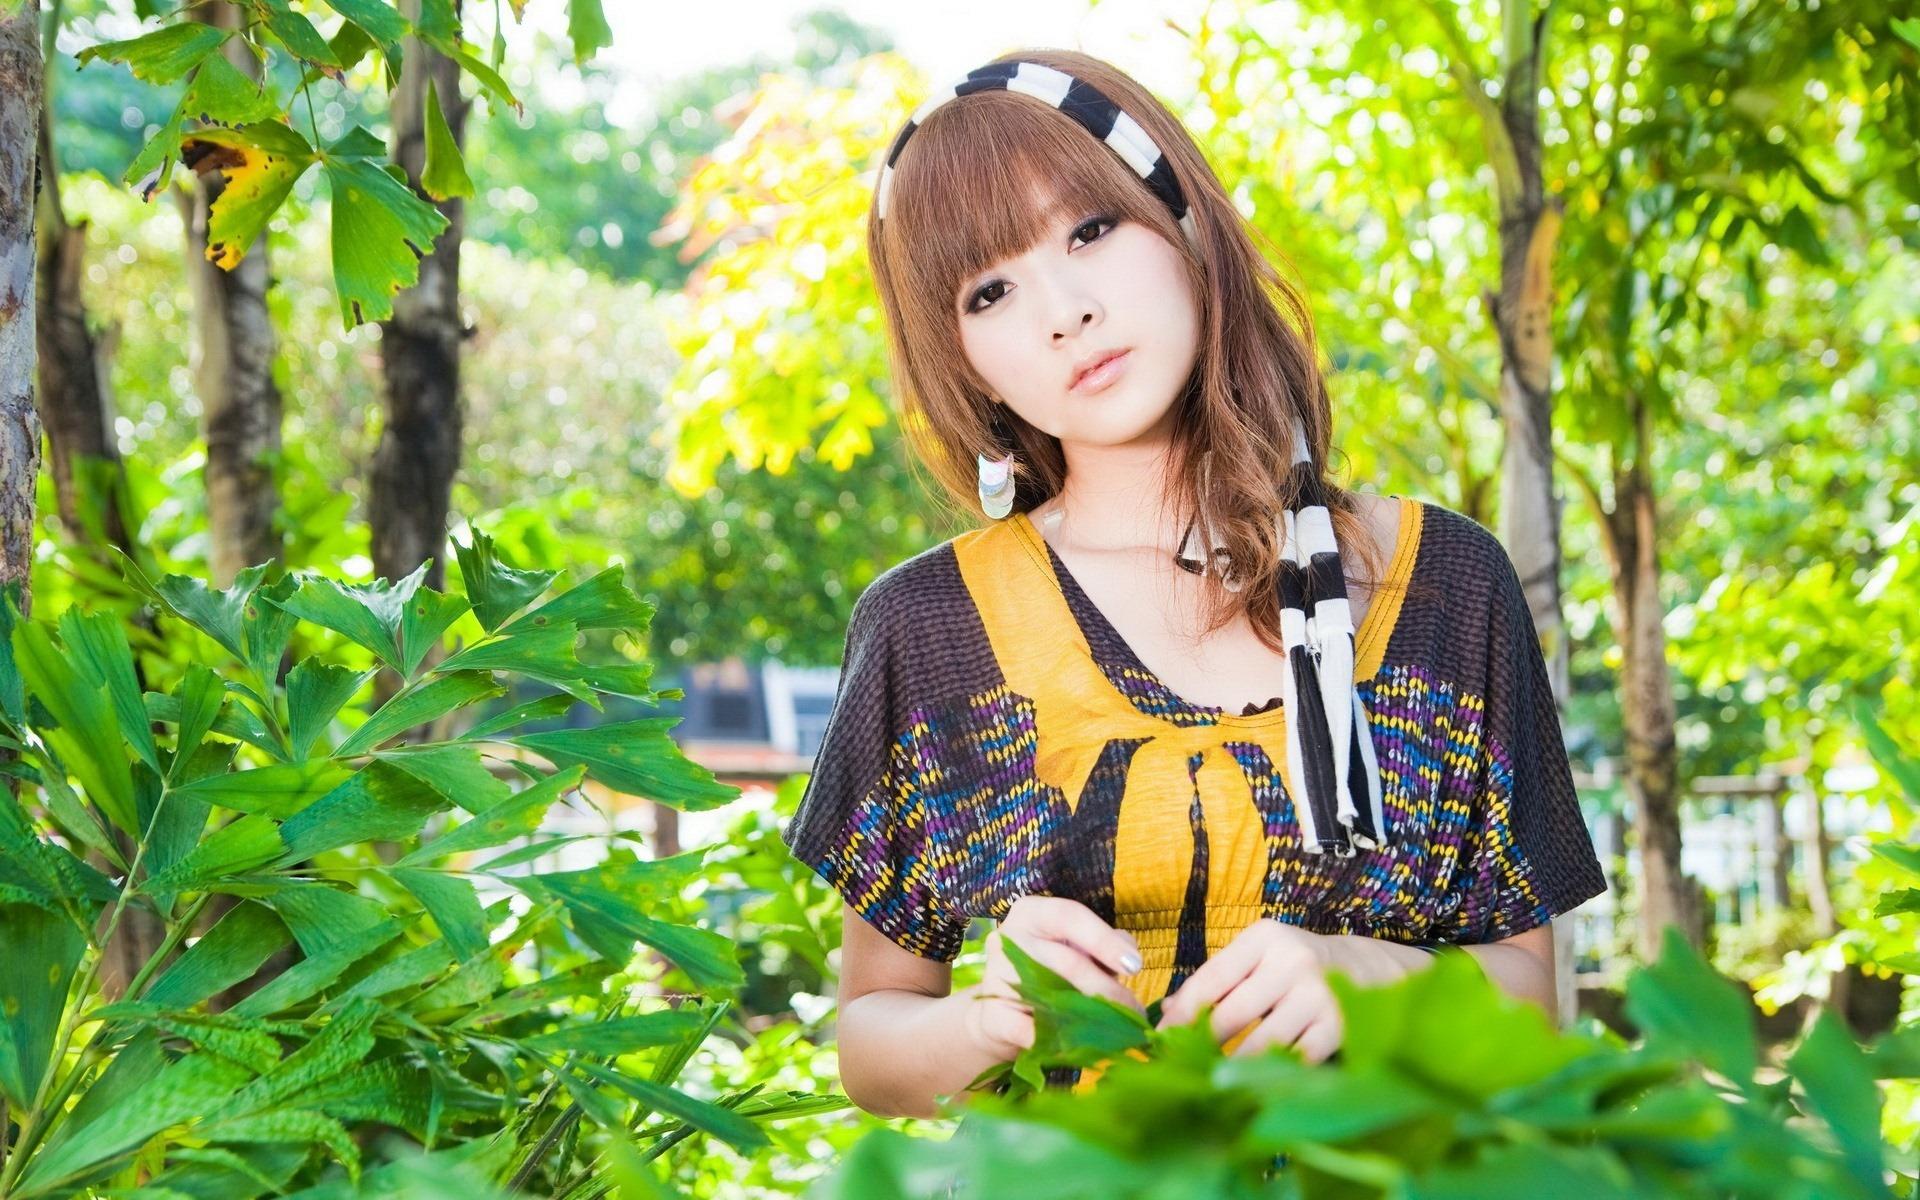 Фото японских девушек смотреть онлайн